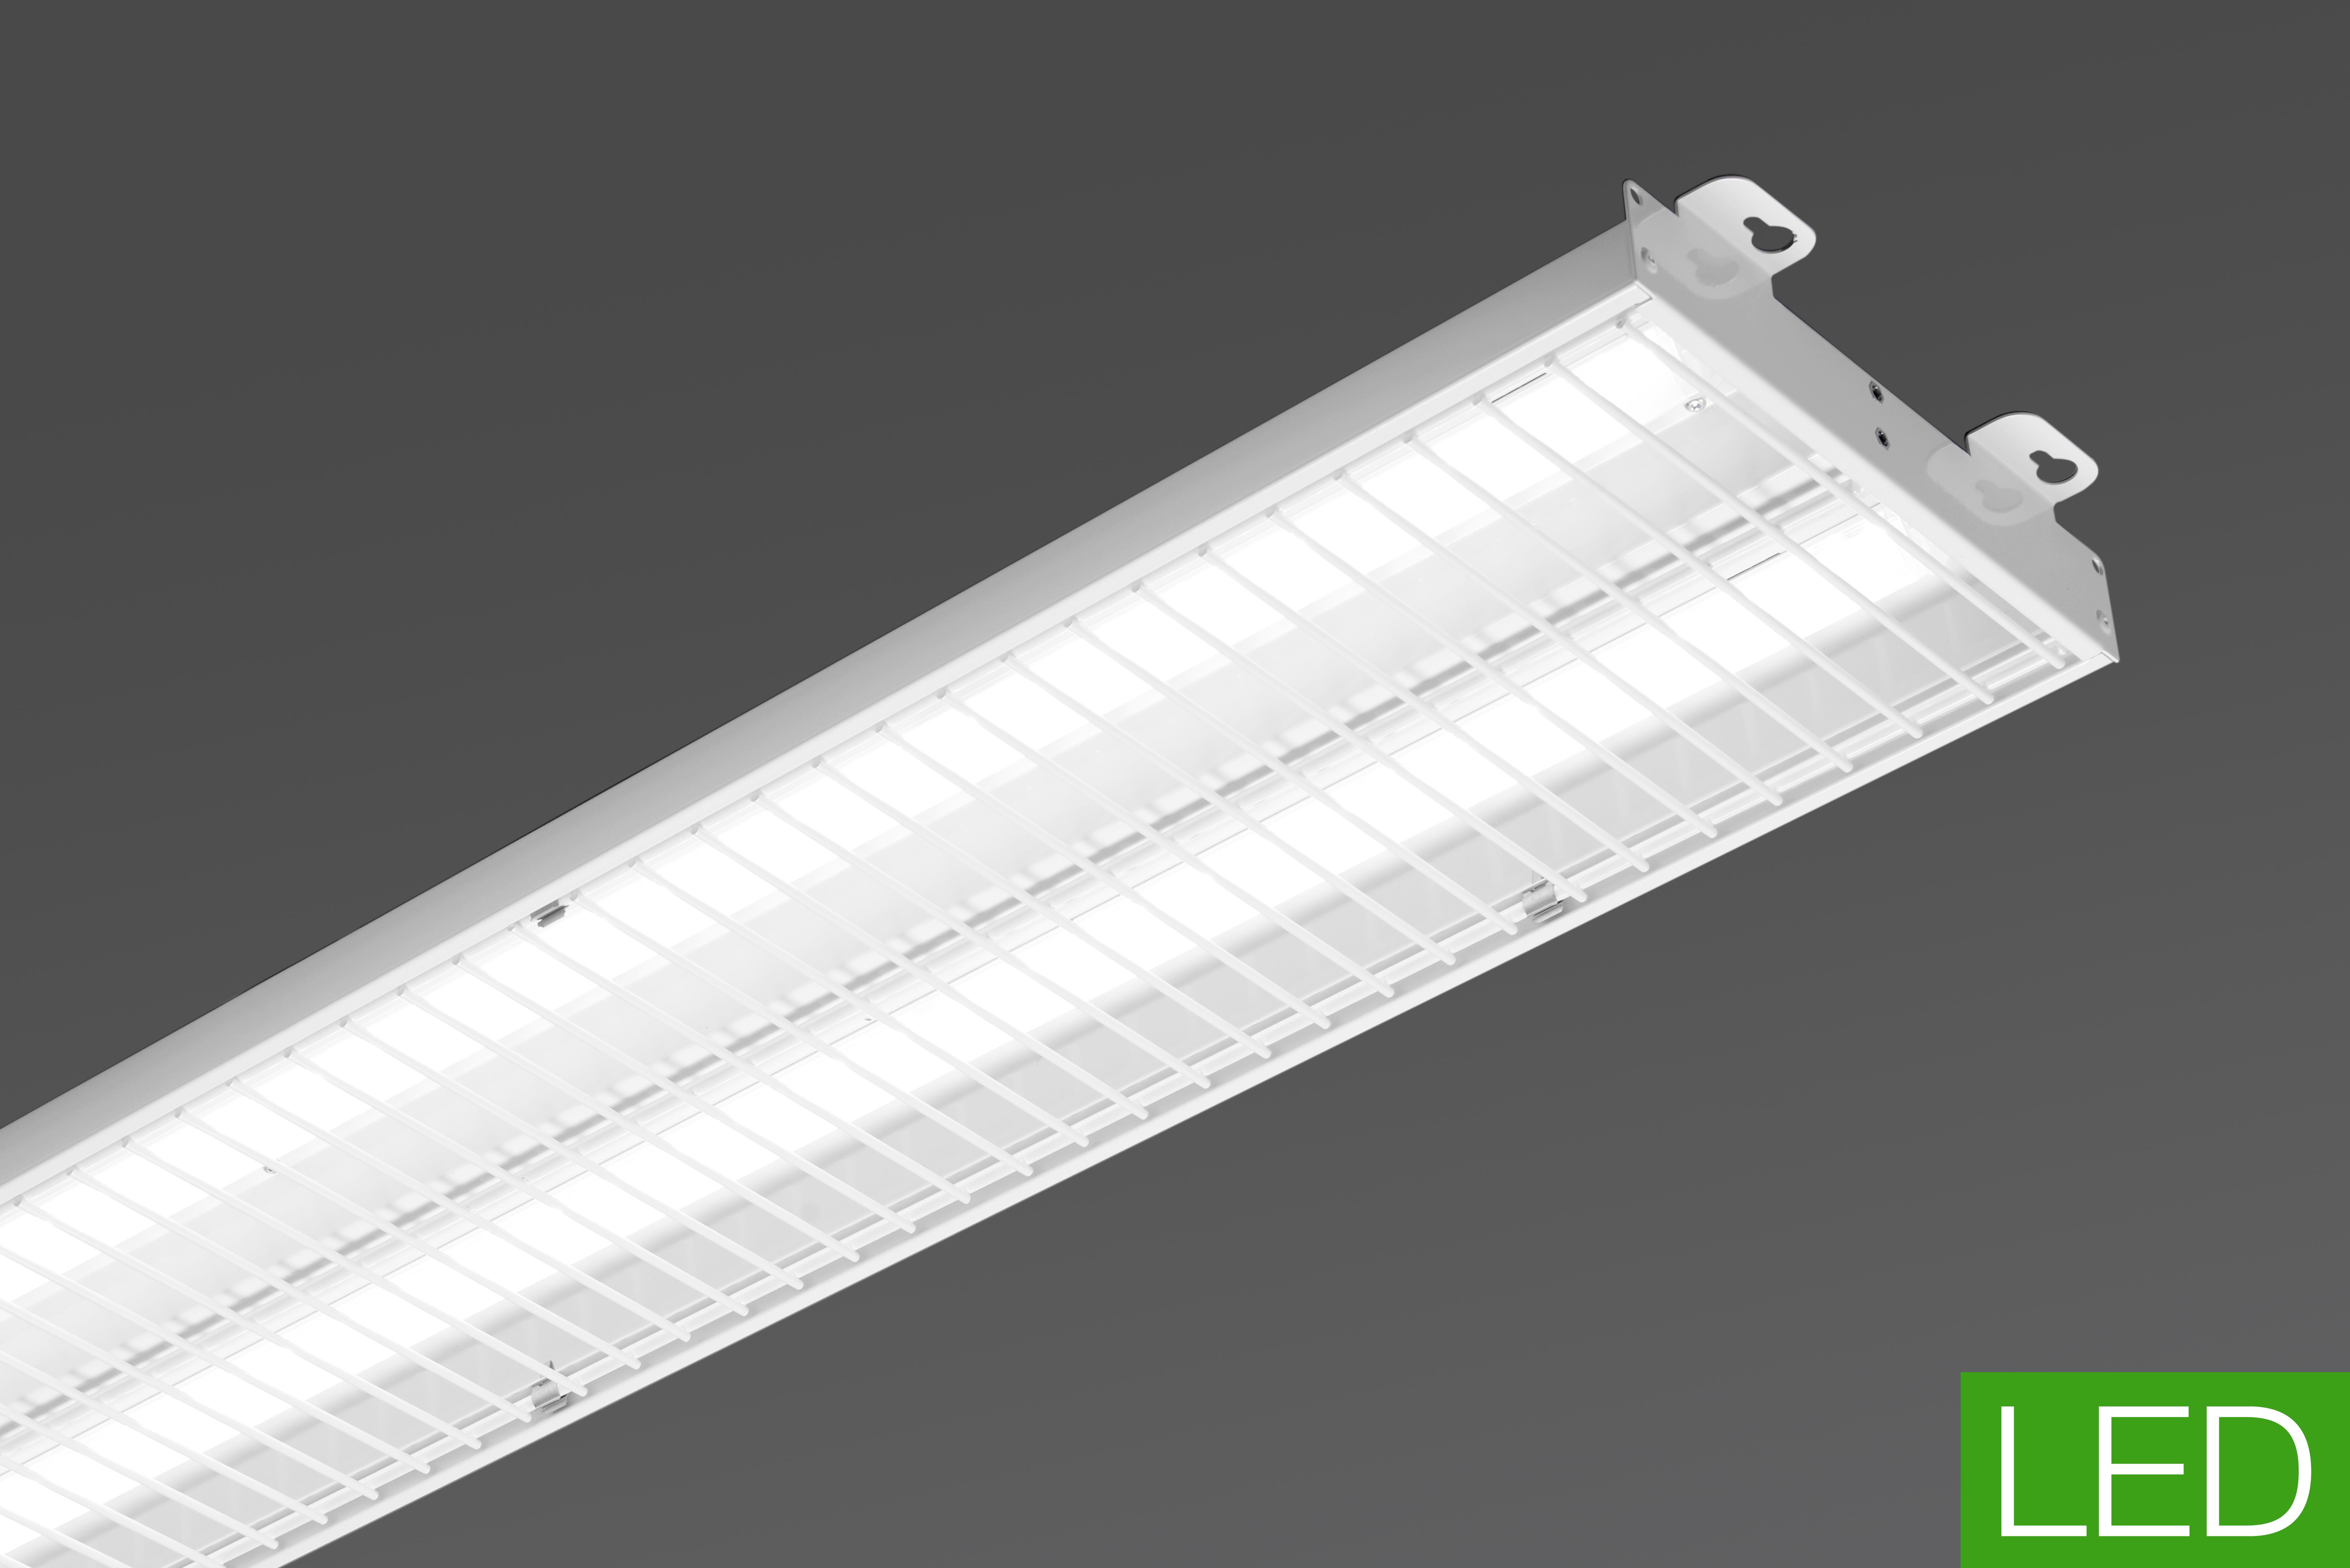 Luminaire salles de sports : STS LED, force et robustesse